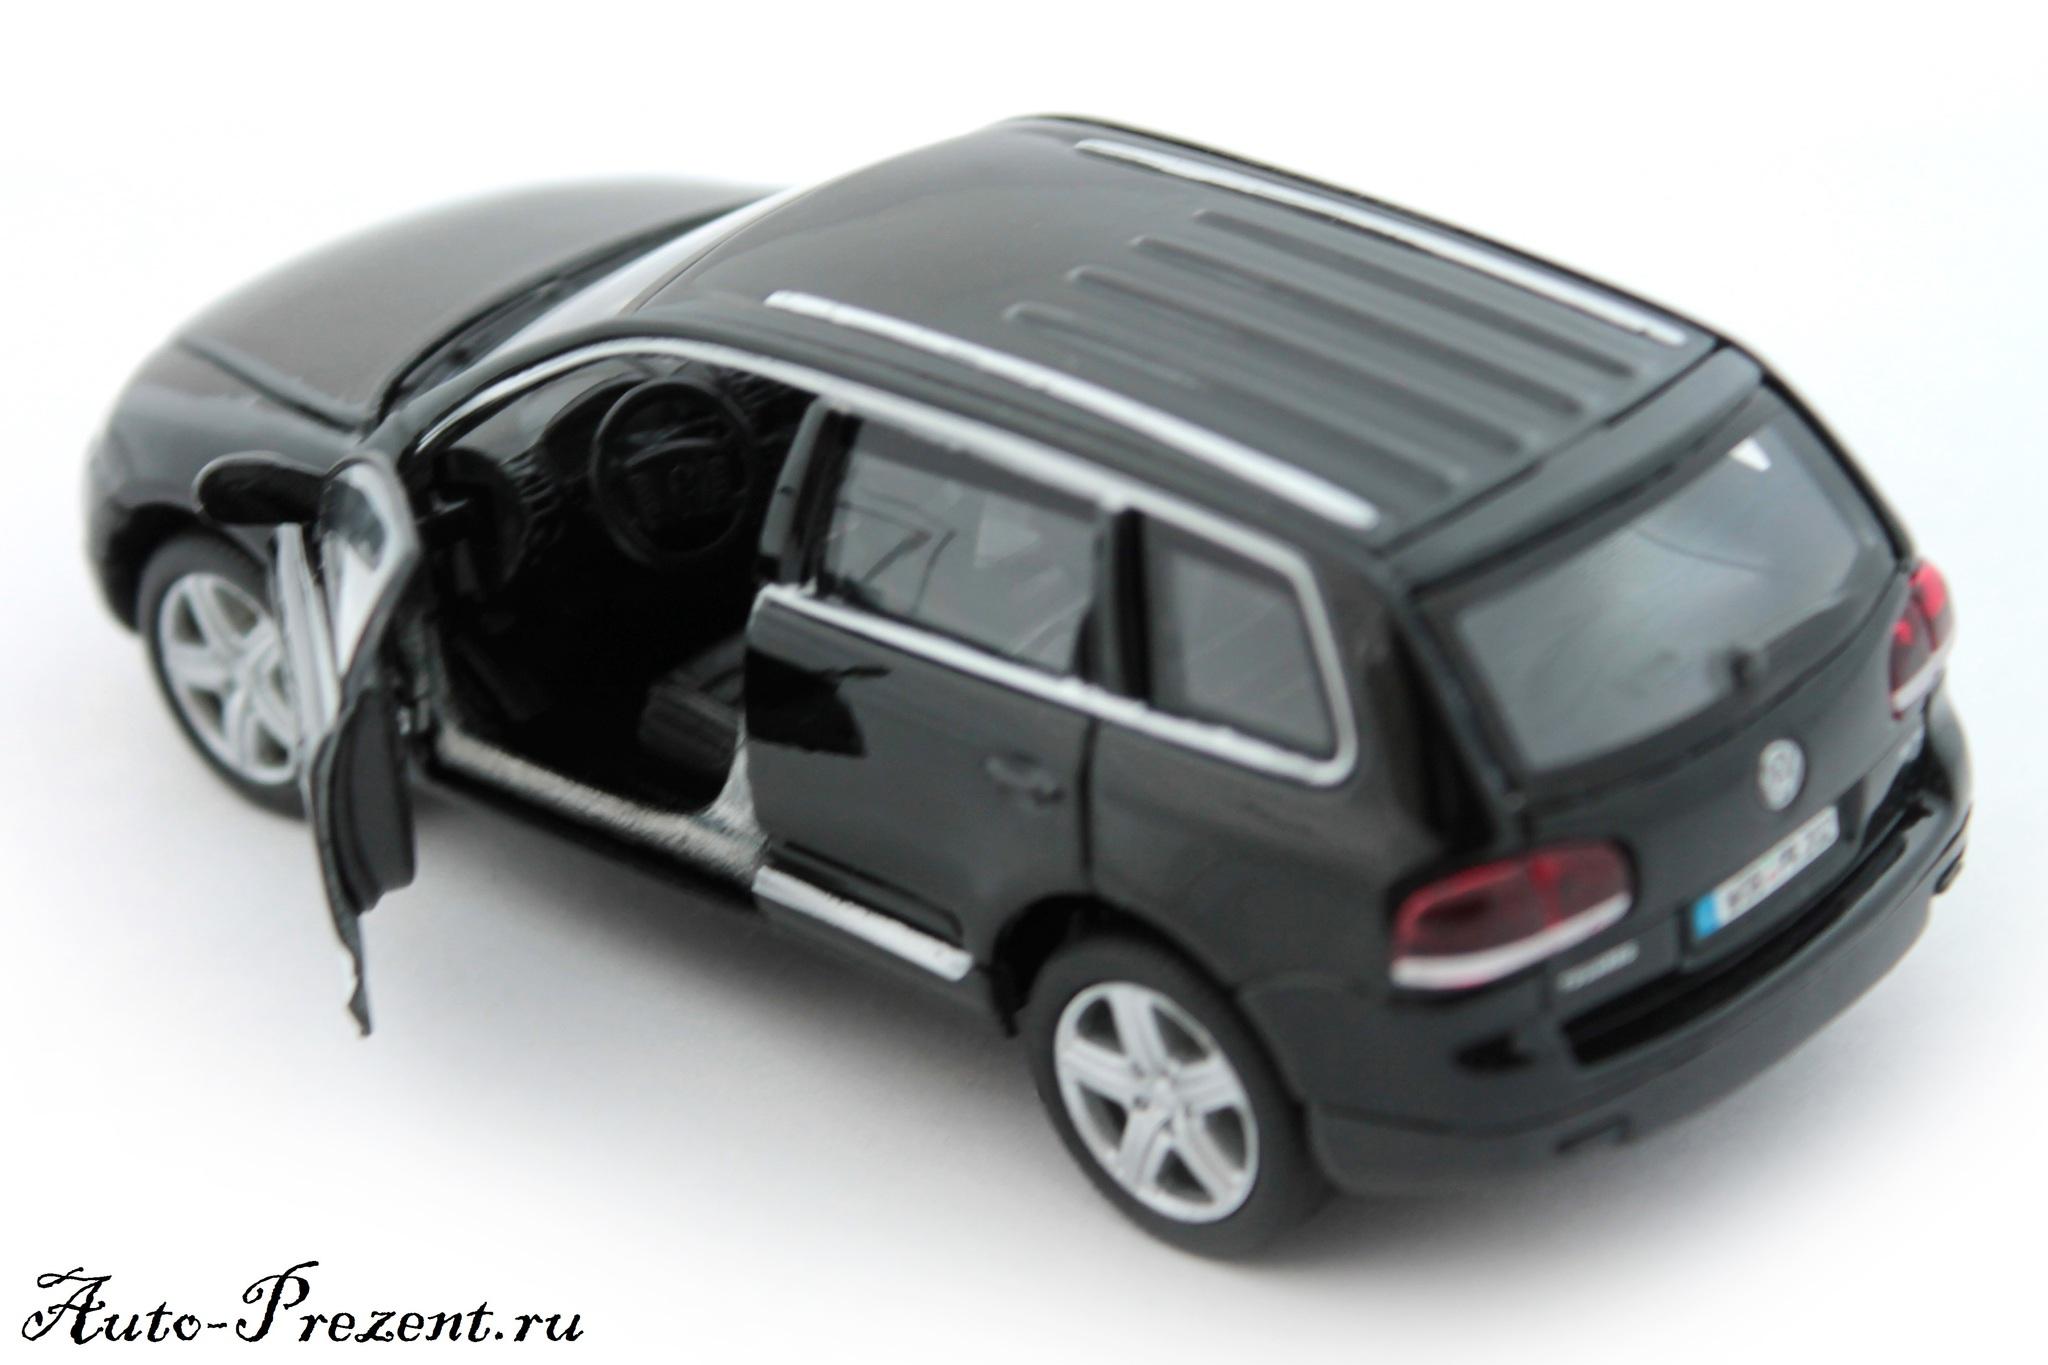 Машинка-игрушка Volkswagen Touareg